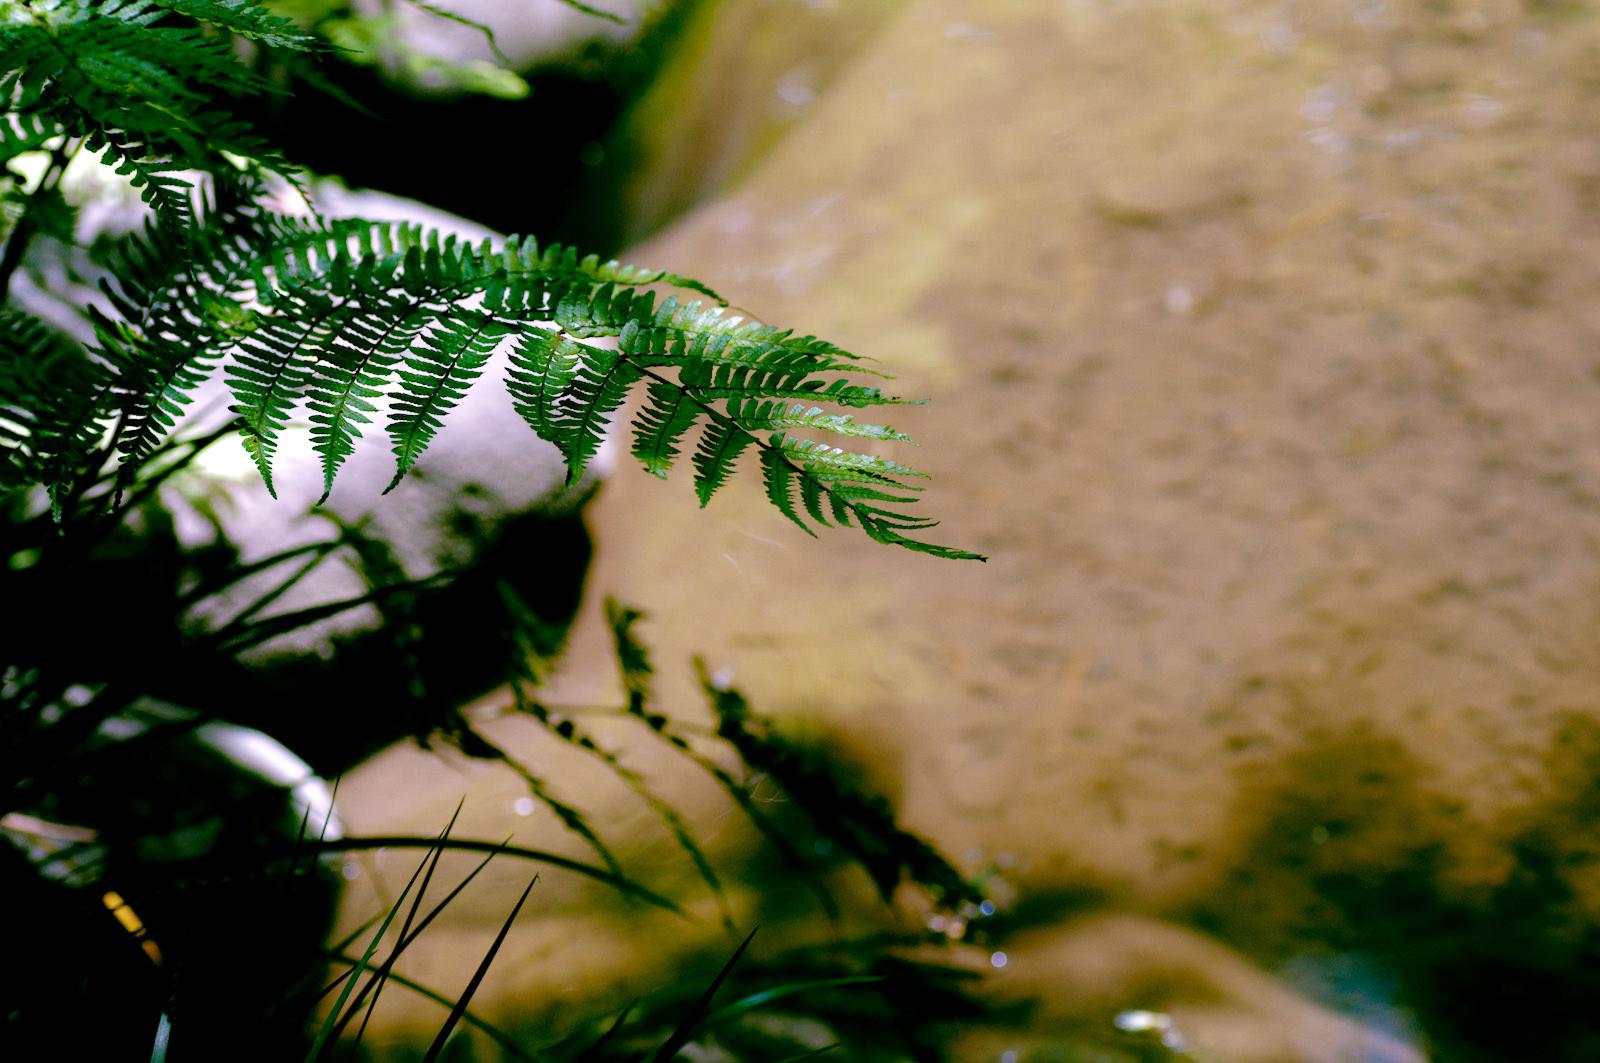 ヒツジが先かシダ植物が先か問題を考える